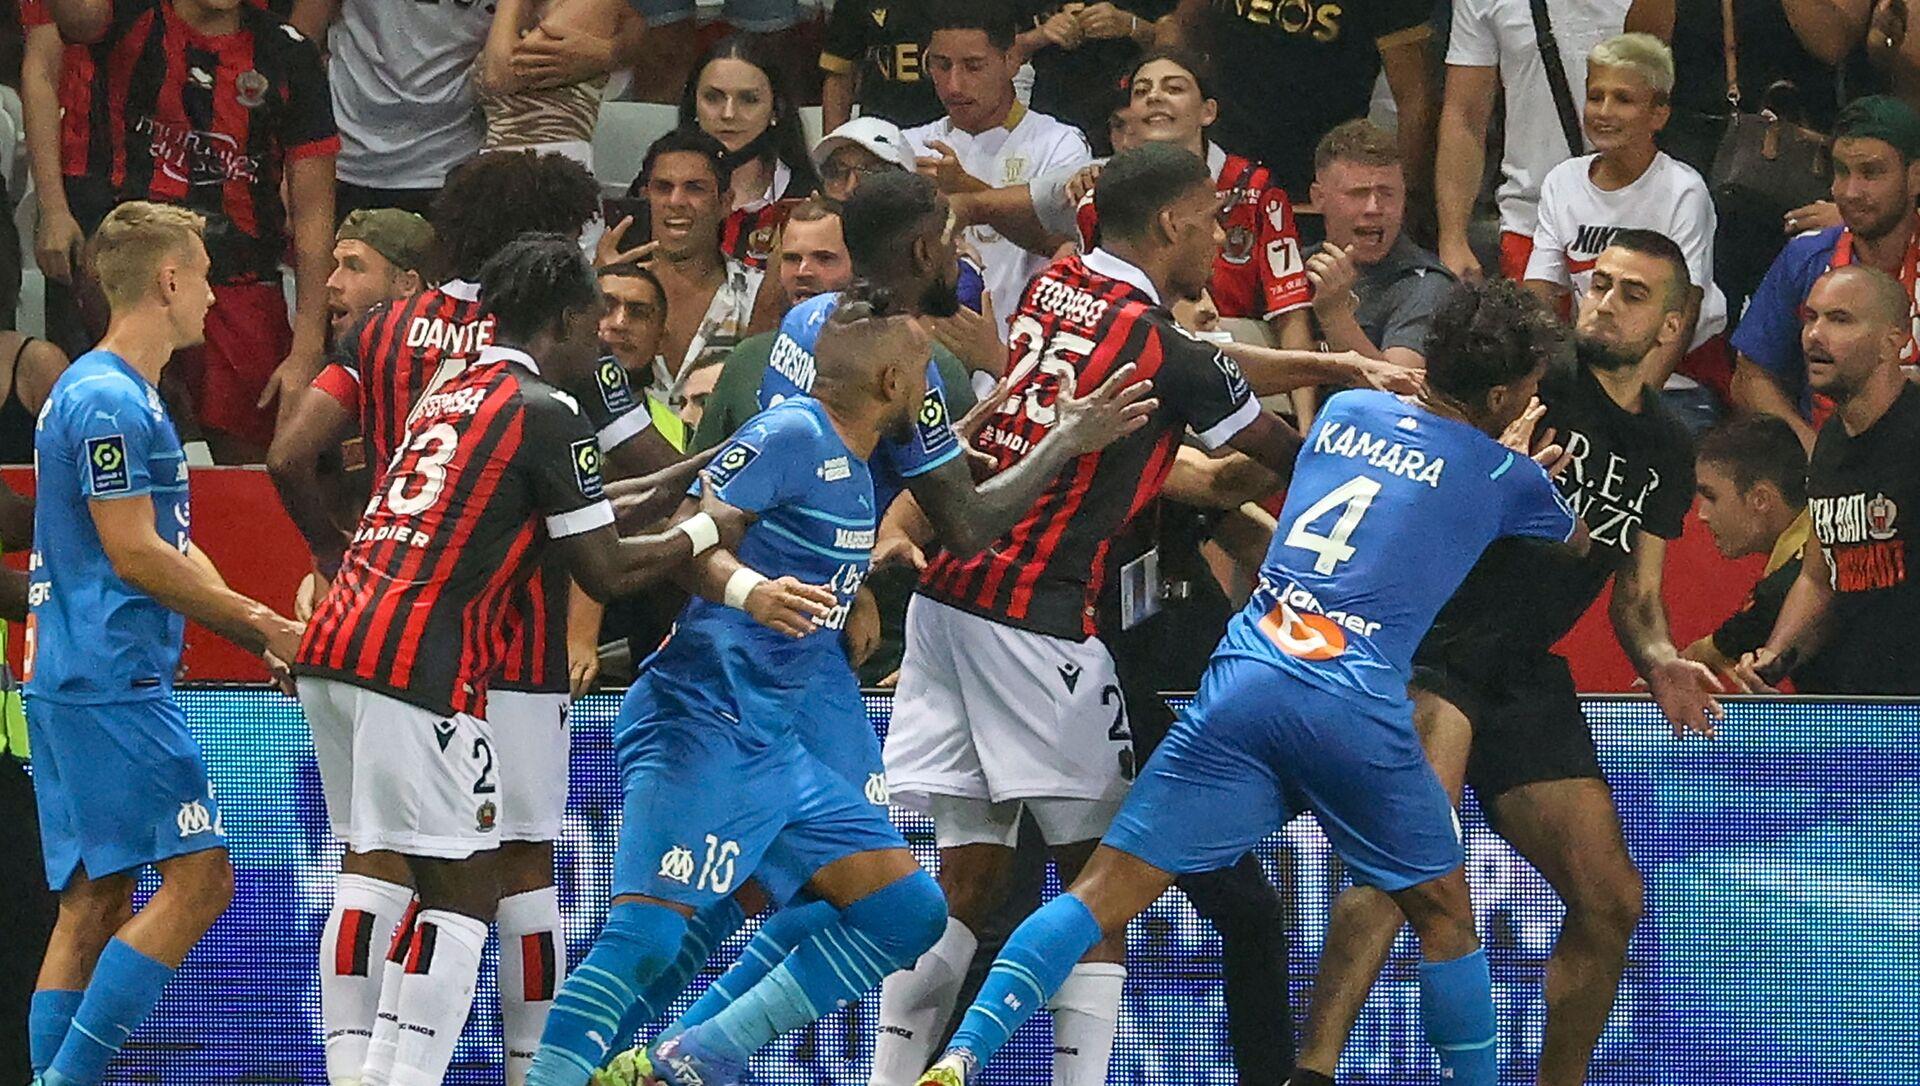 Des incidents ont émaillé le match Nice-Marseille le 22 août 2021 - Sputnik France, 1920, 24.08.2021